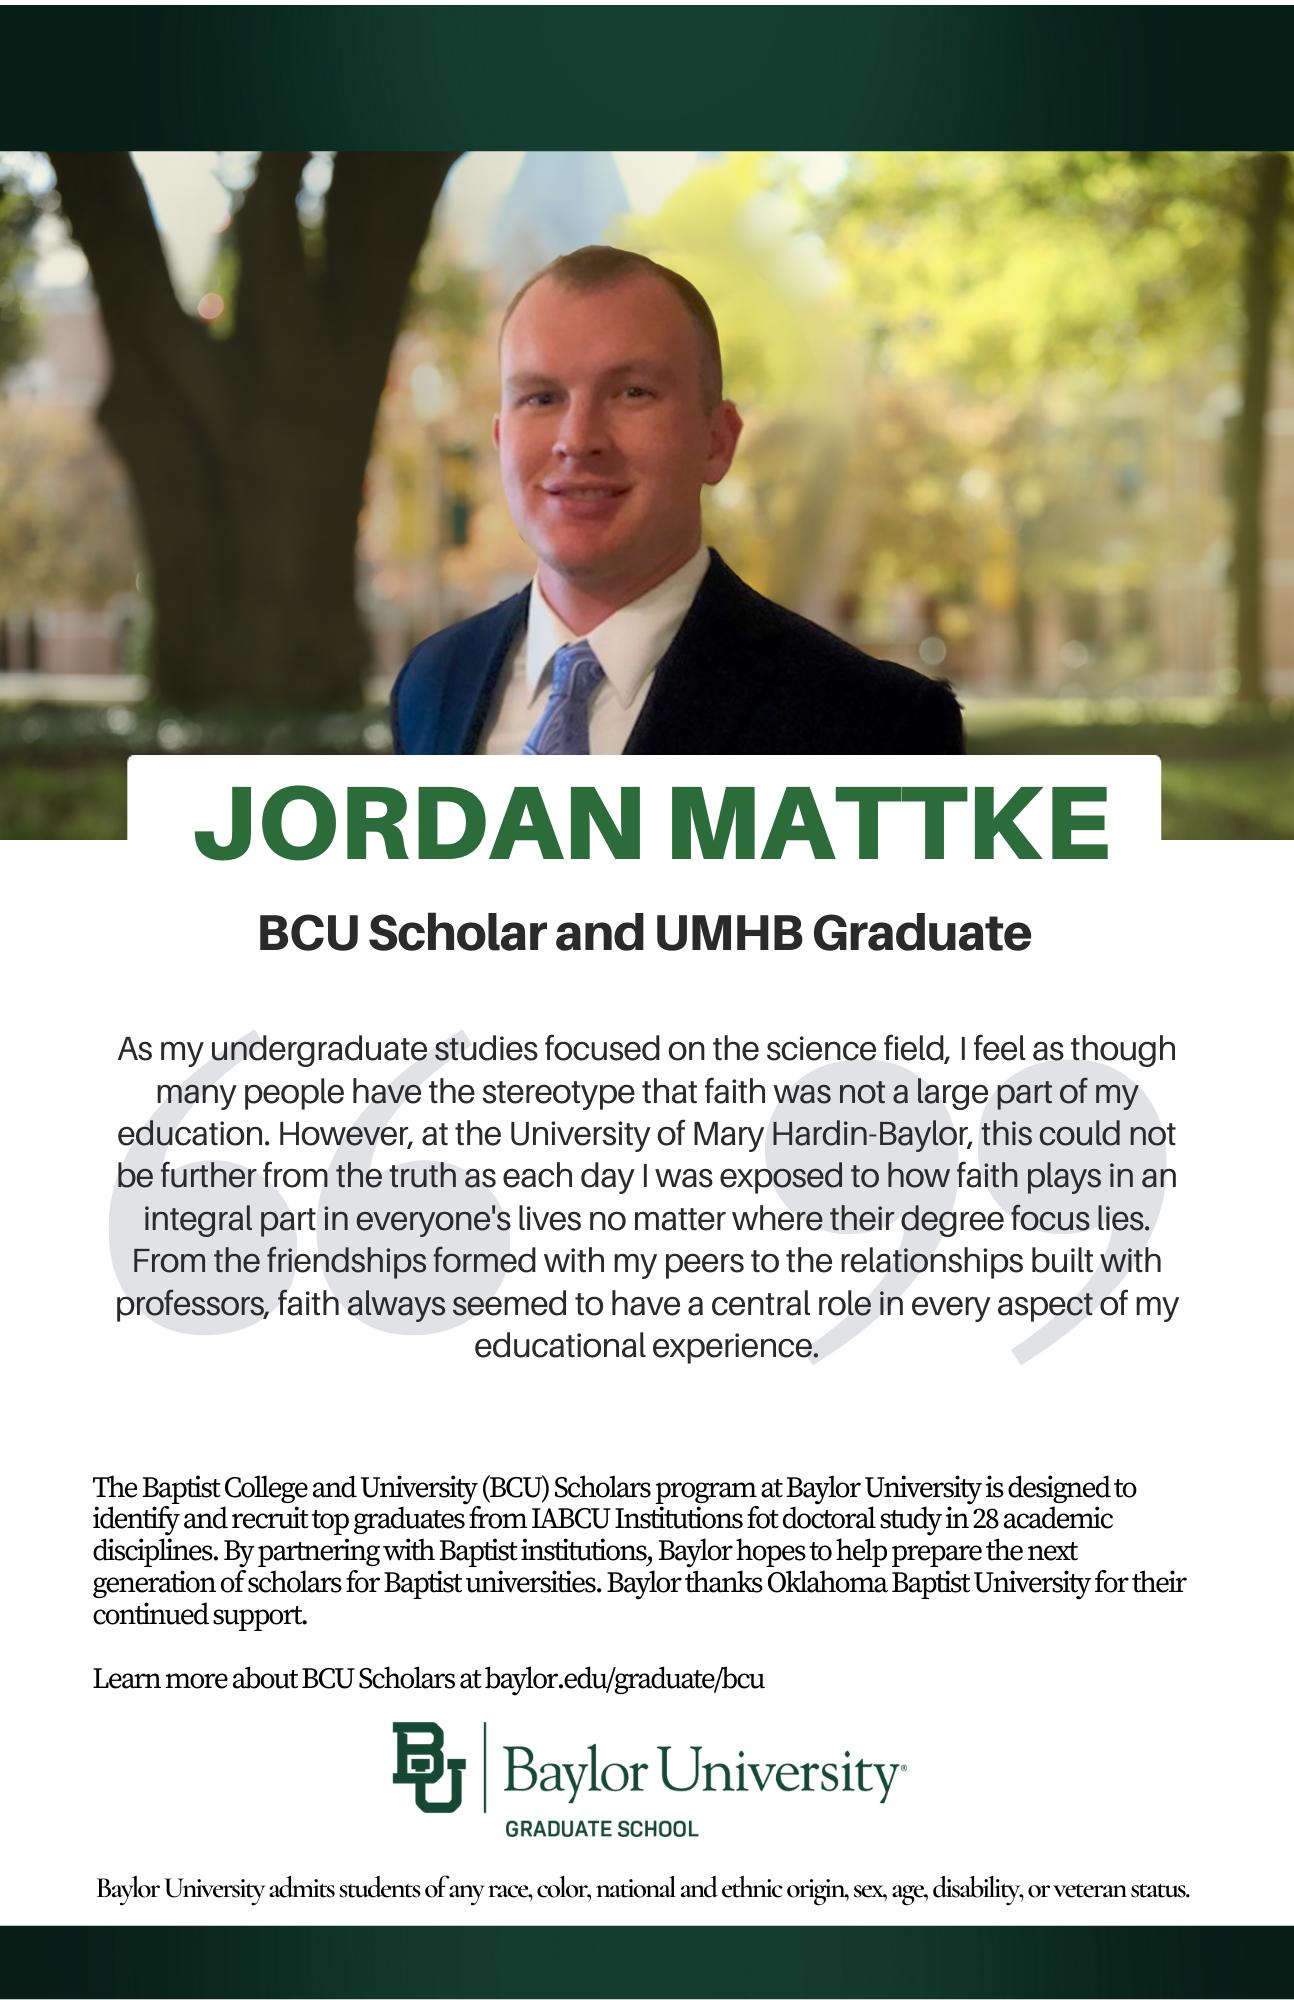 Jordan Mattke BCU ad